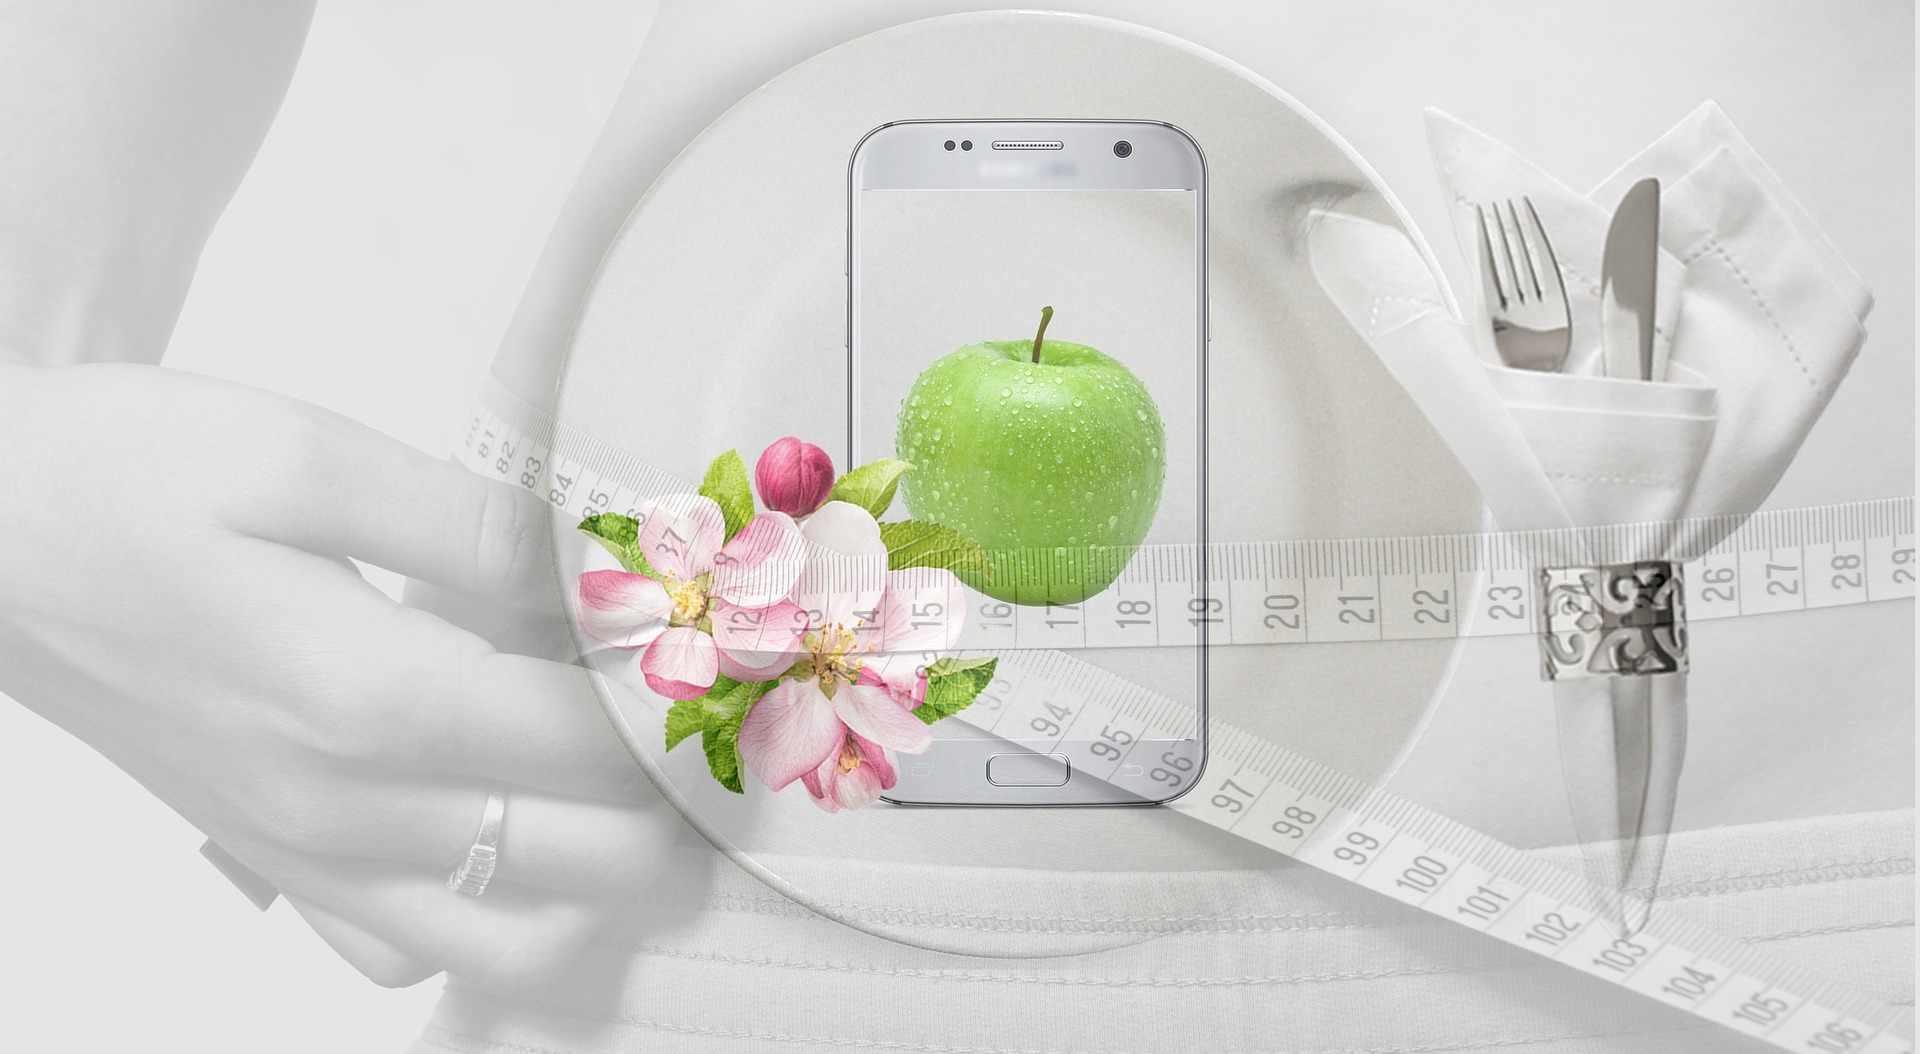 Сколько процентов жира в вашем теле?